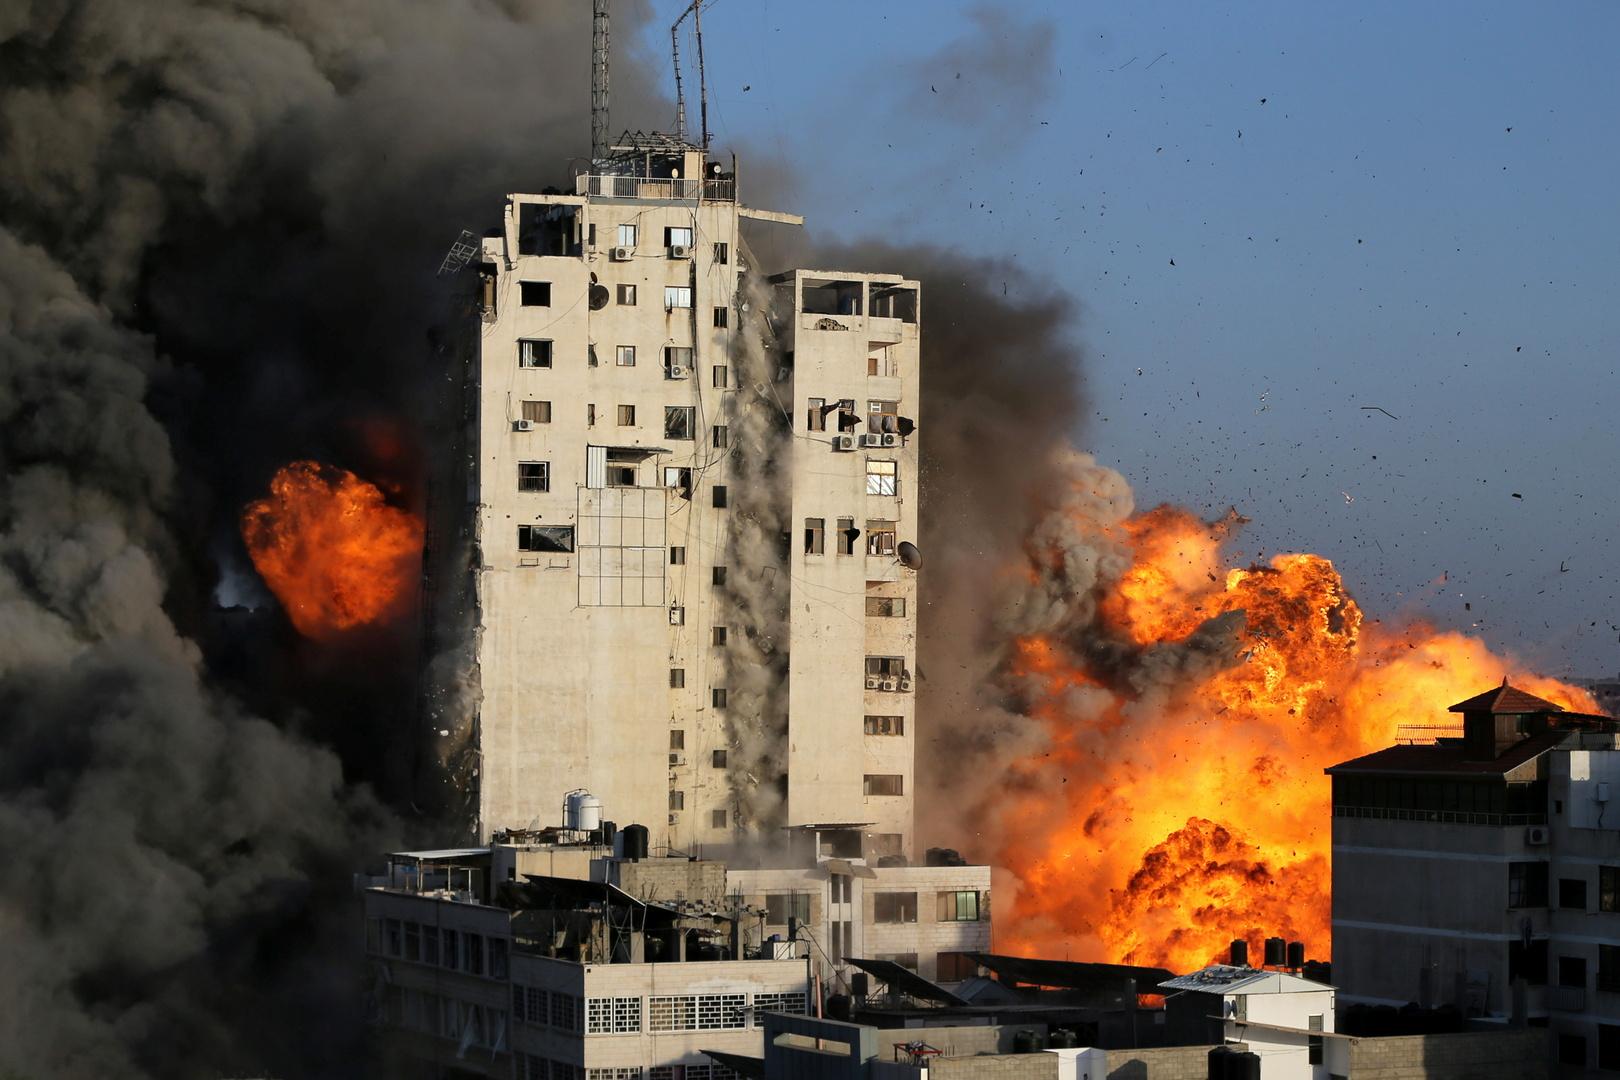 تطورات الحرب الإسرائيلية الفلسطينية في يومها التاسع لحظة بلحظة